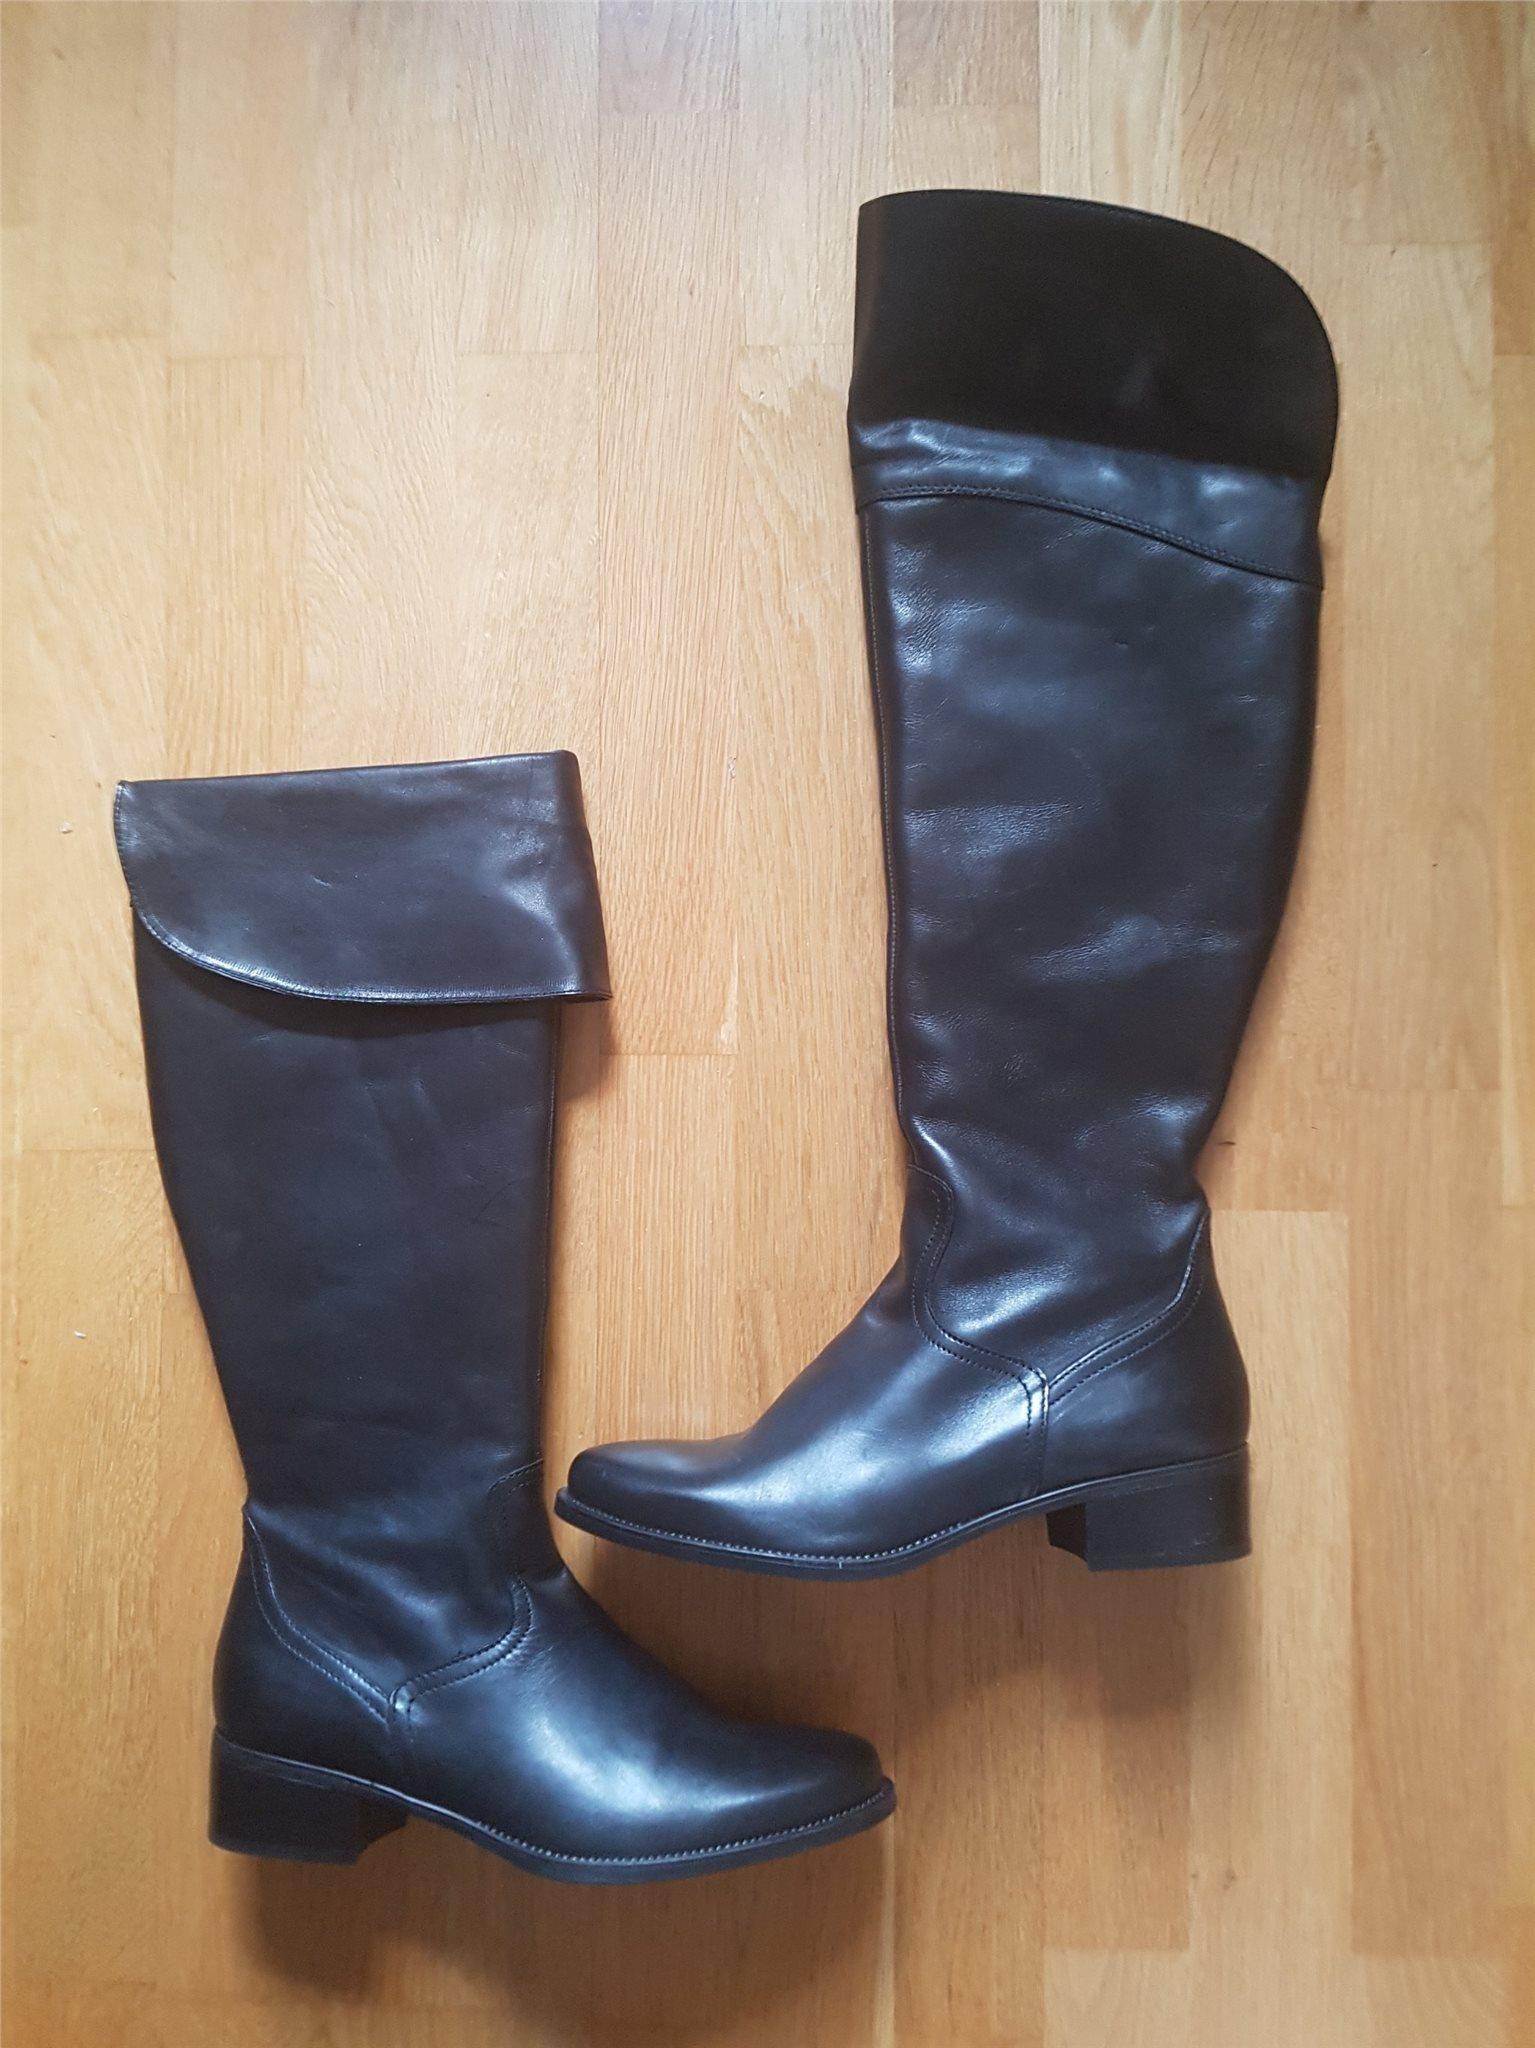 c74552544f5 Svarta läderstövlar storlek 40 från Tamaris, he.. (340769857) ᐈ Köp ...